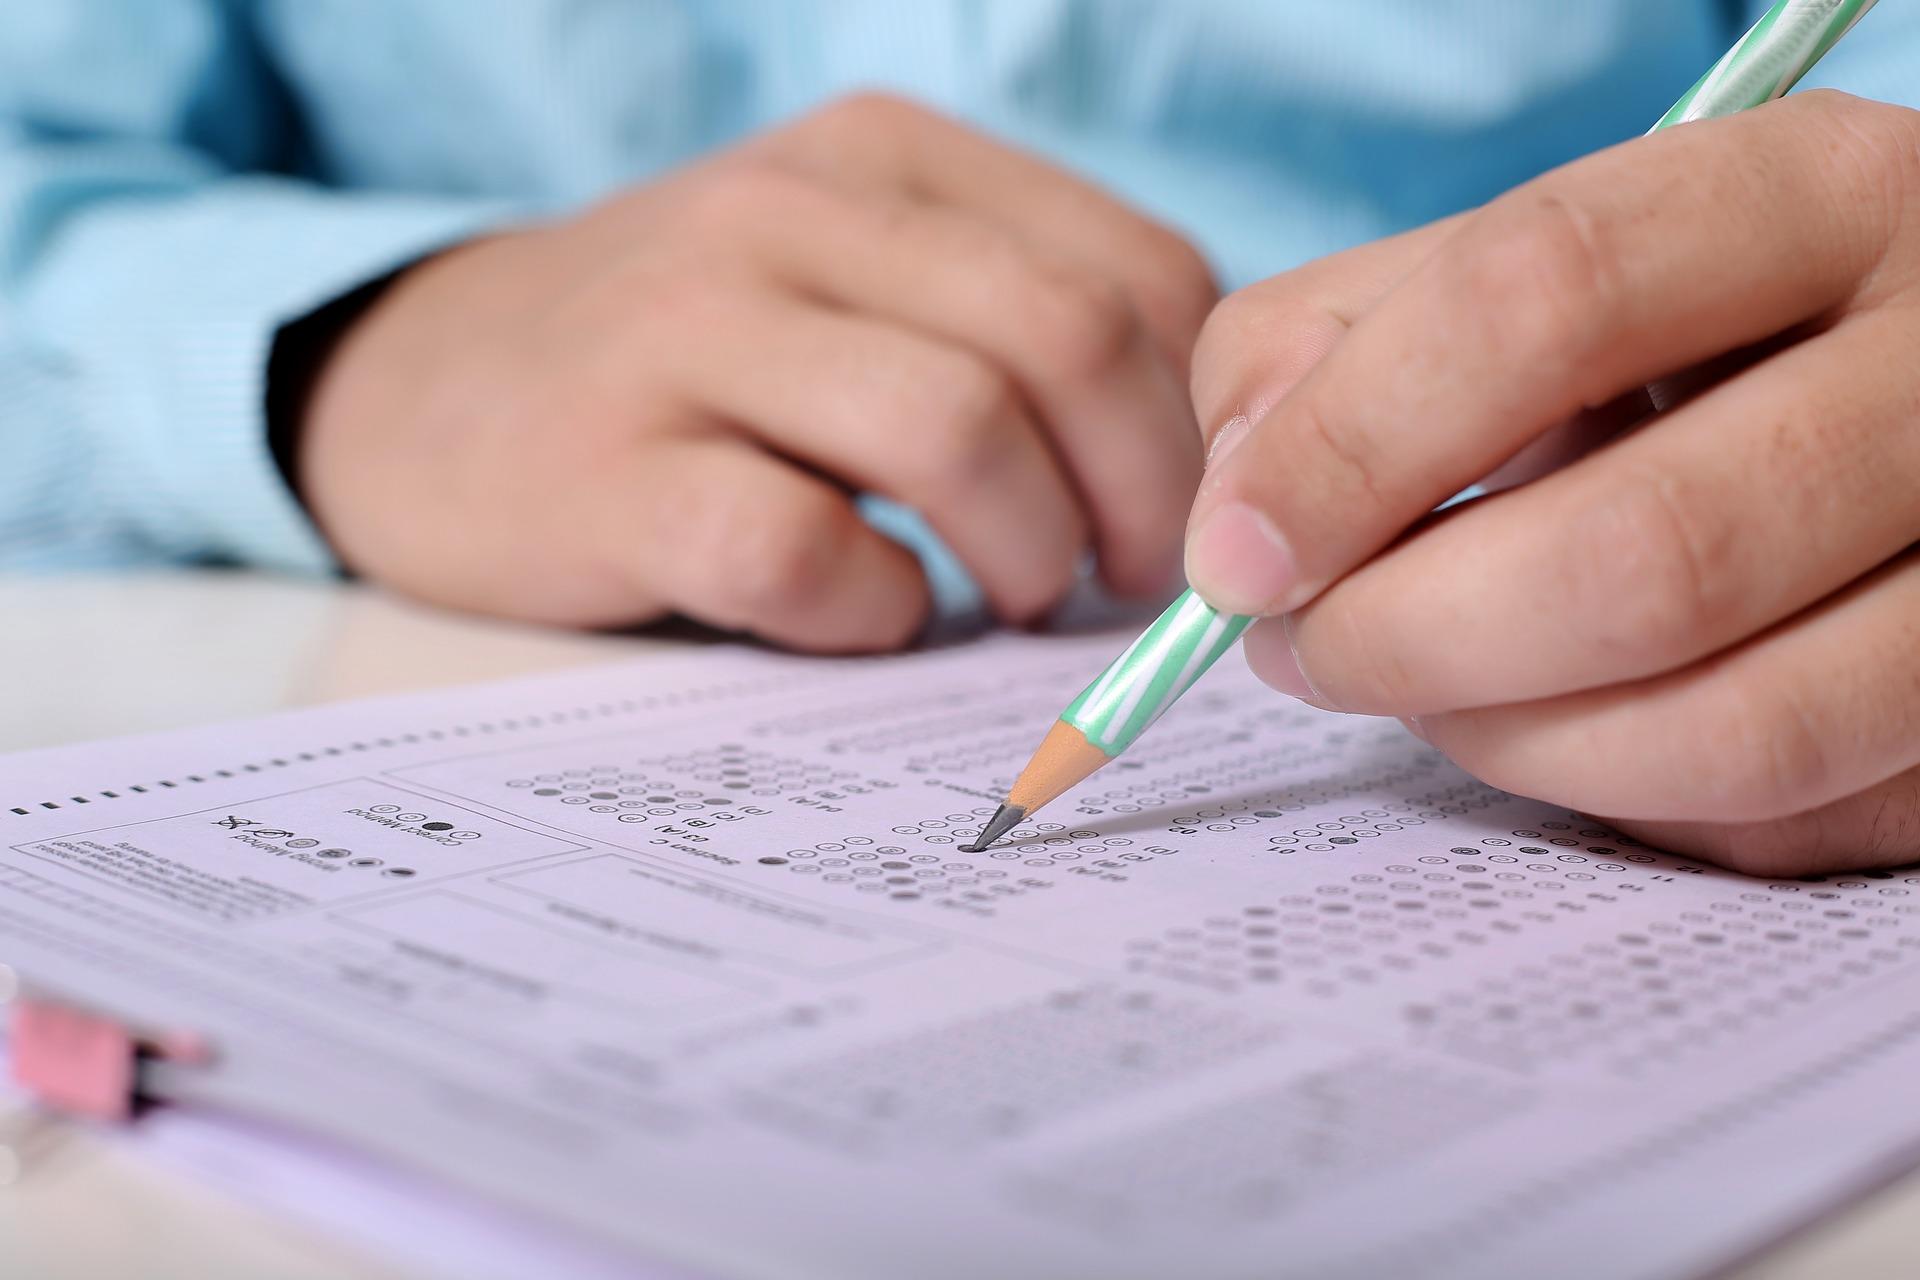 Wie geht eigentlich Hochschulpolitik? – Ein Blick hinter die Kulissen des Prüfungsgeschehens